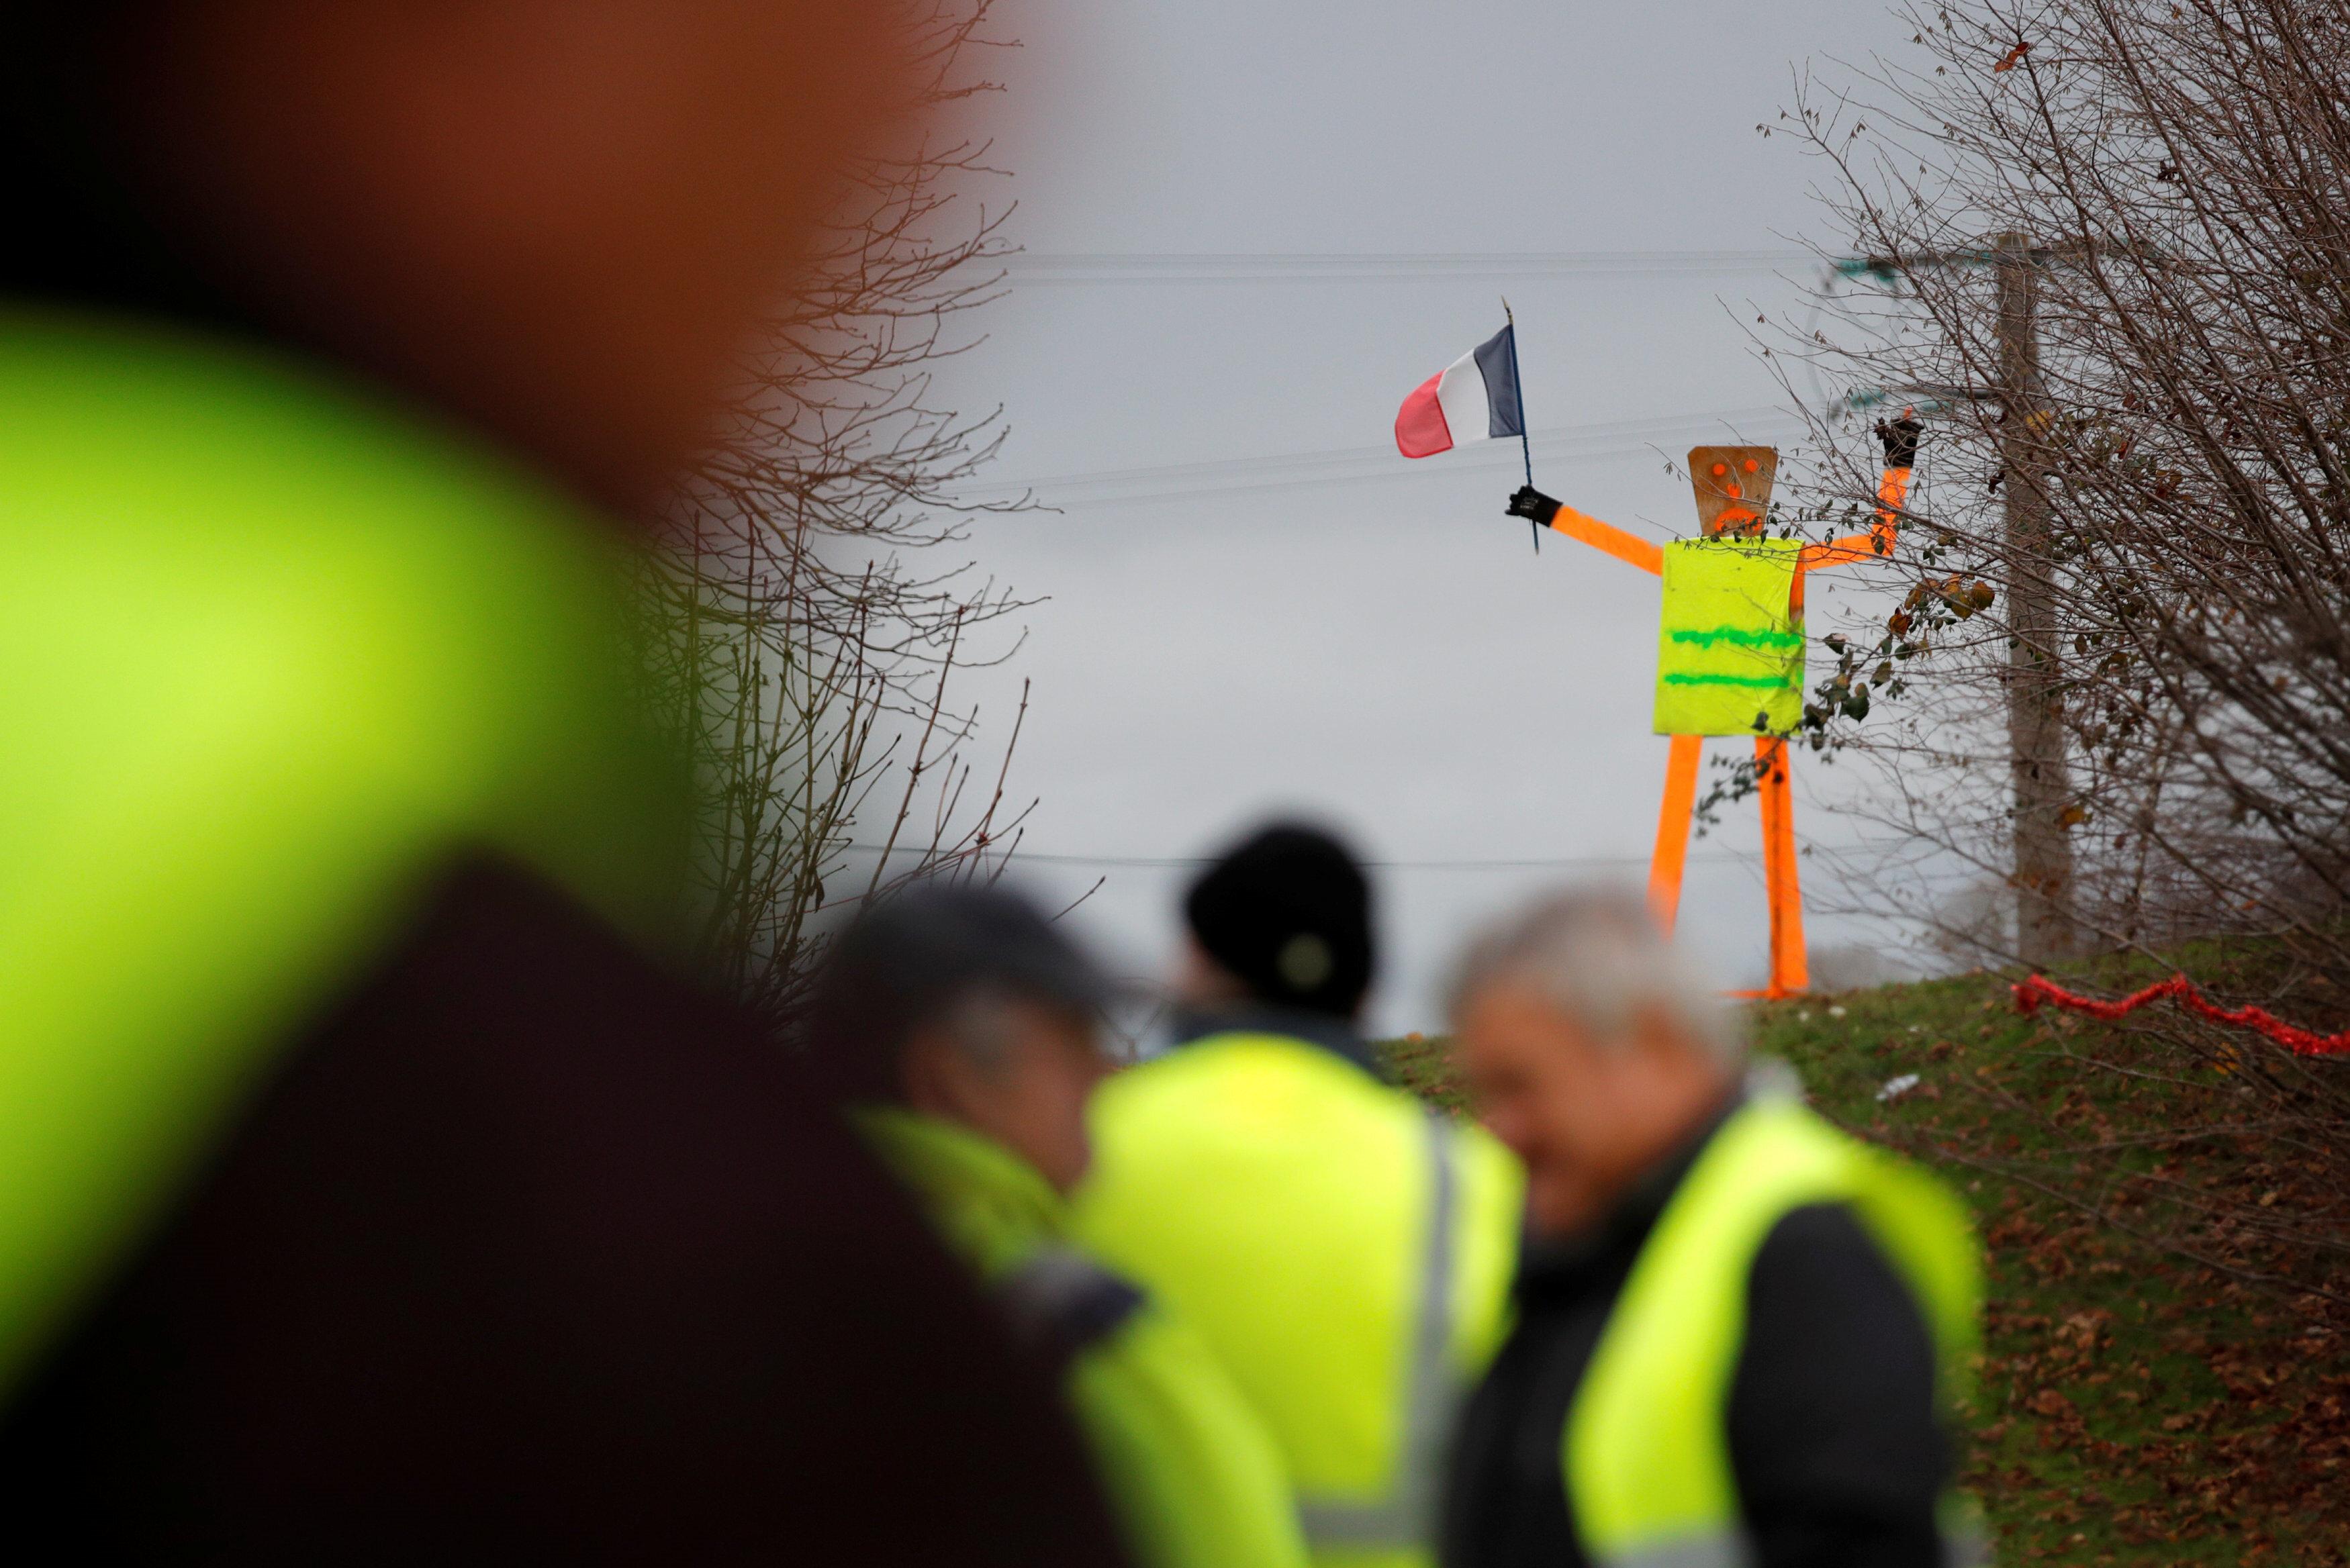 En son yapılan bir kamuoyu araştırmasına göre Fransa'da her 10 kişiden 8'i hükümetin aldığı önlemleri yetersiz görüyor.